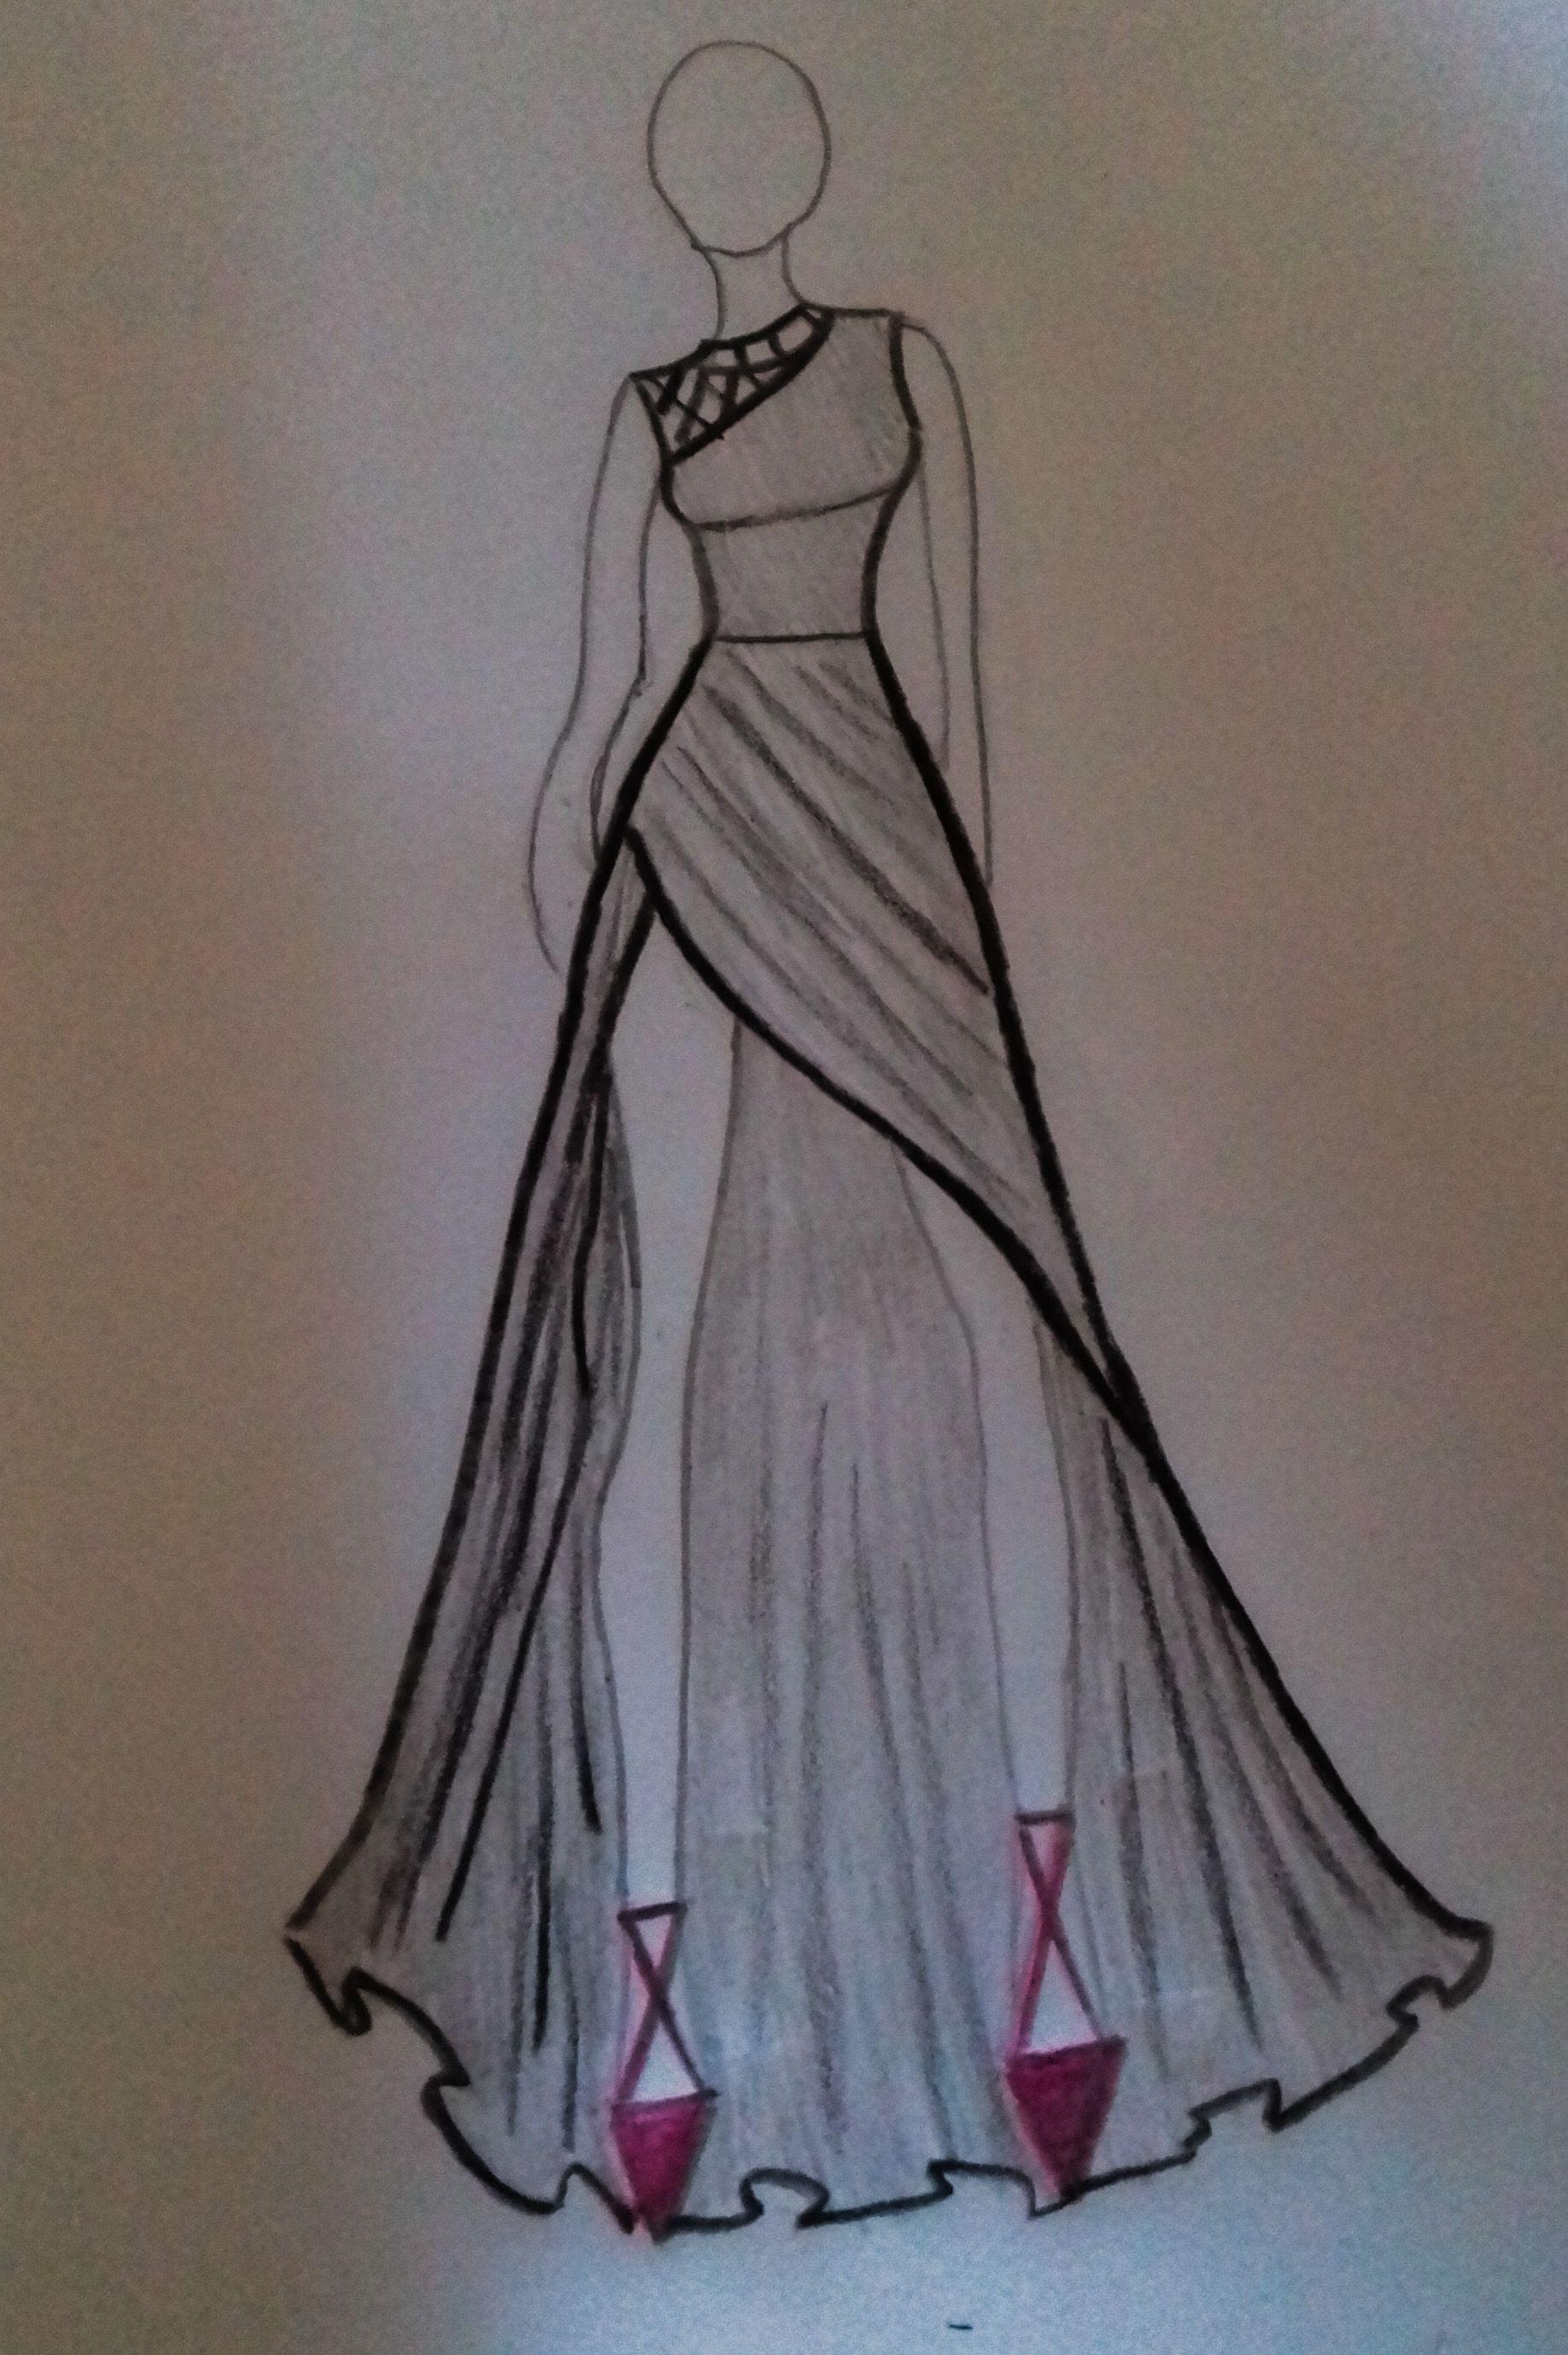 Pin De Dianka Em Kresleni Em 2020 Com Imagens Desenhos De Moda